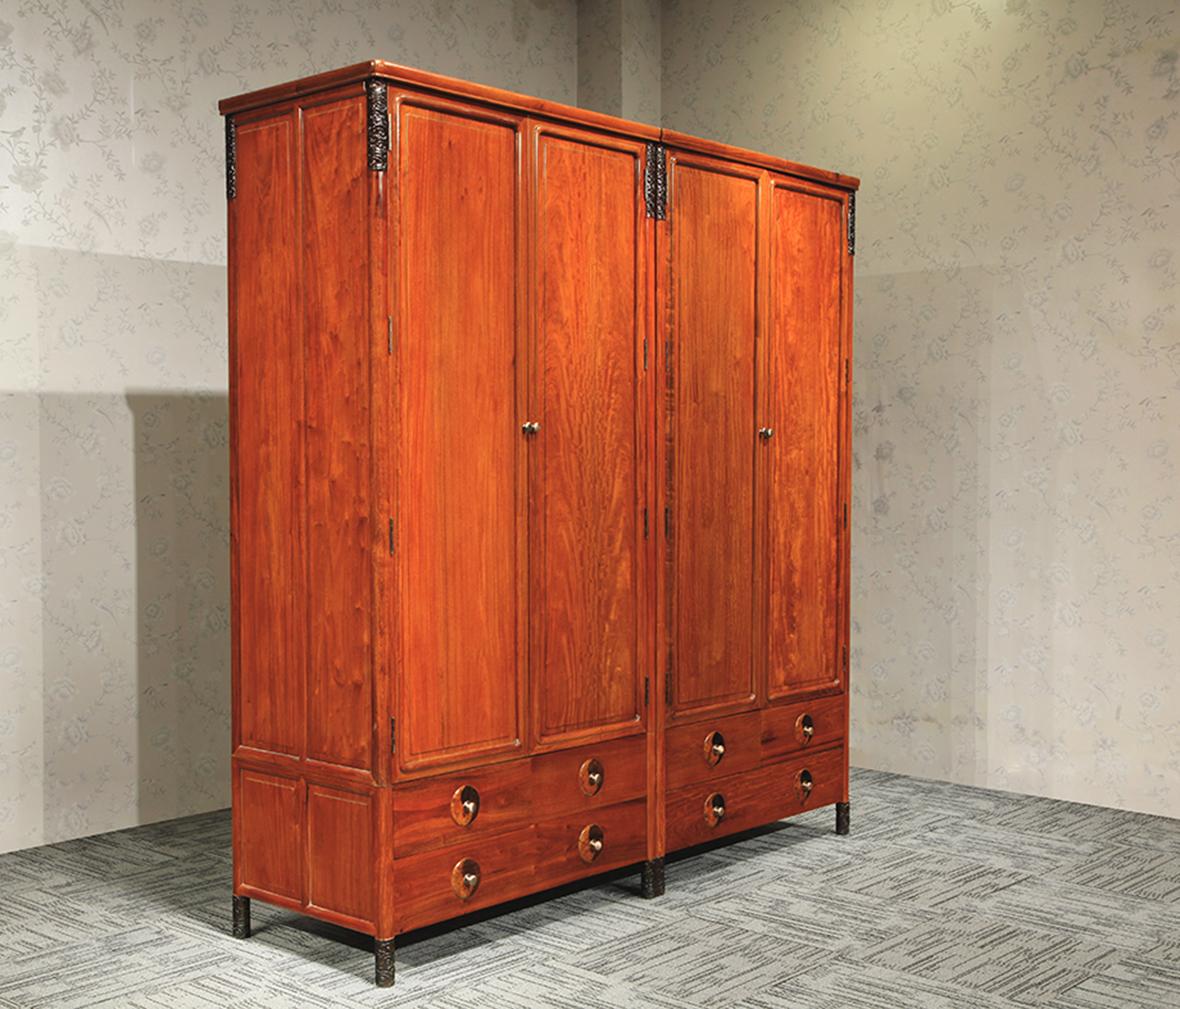 现代简约风格  眼缘:0  钛马迪 kt96型号推拉衣柜180 胡桃木材质衣柜